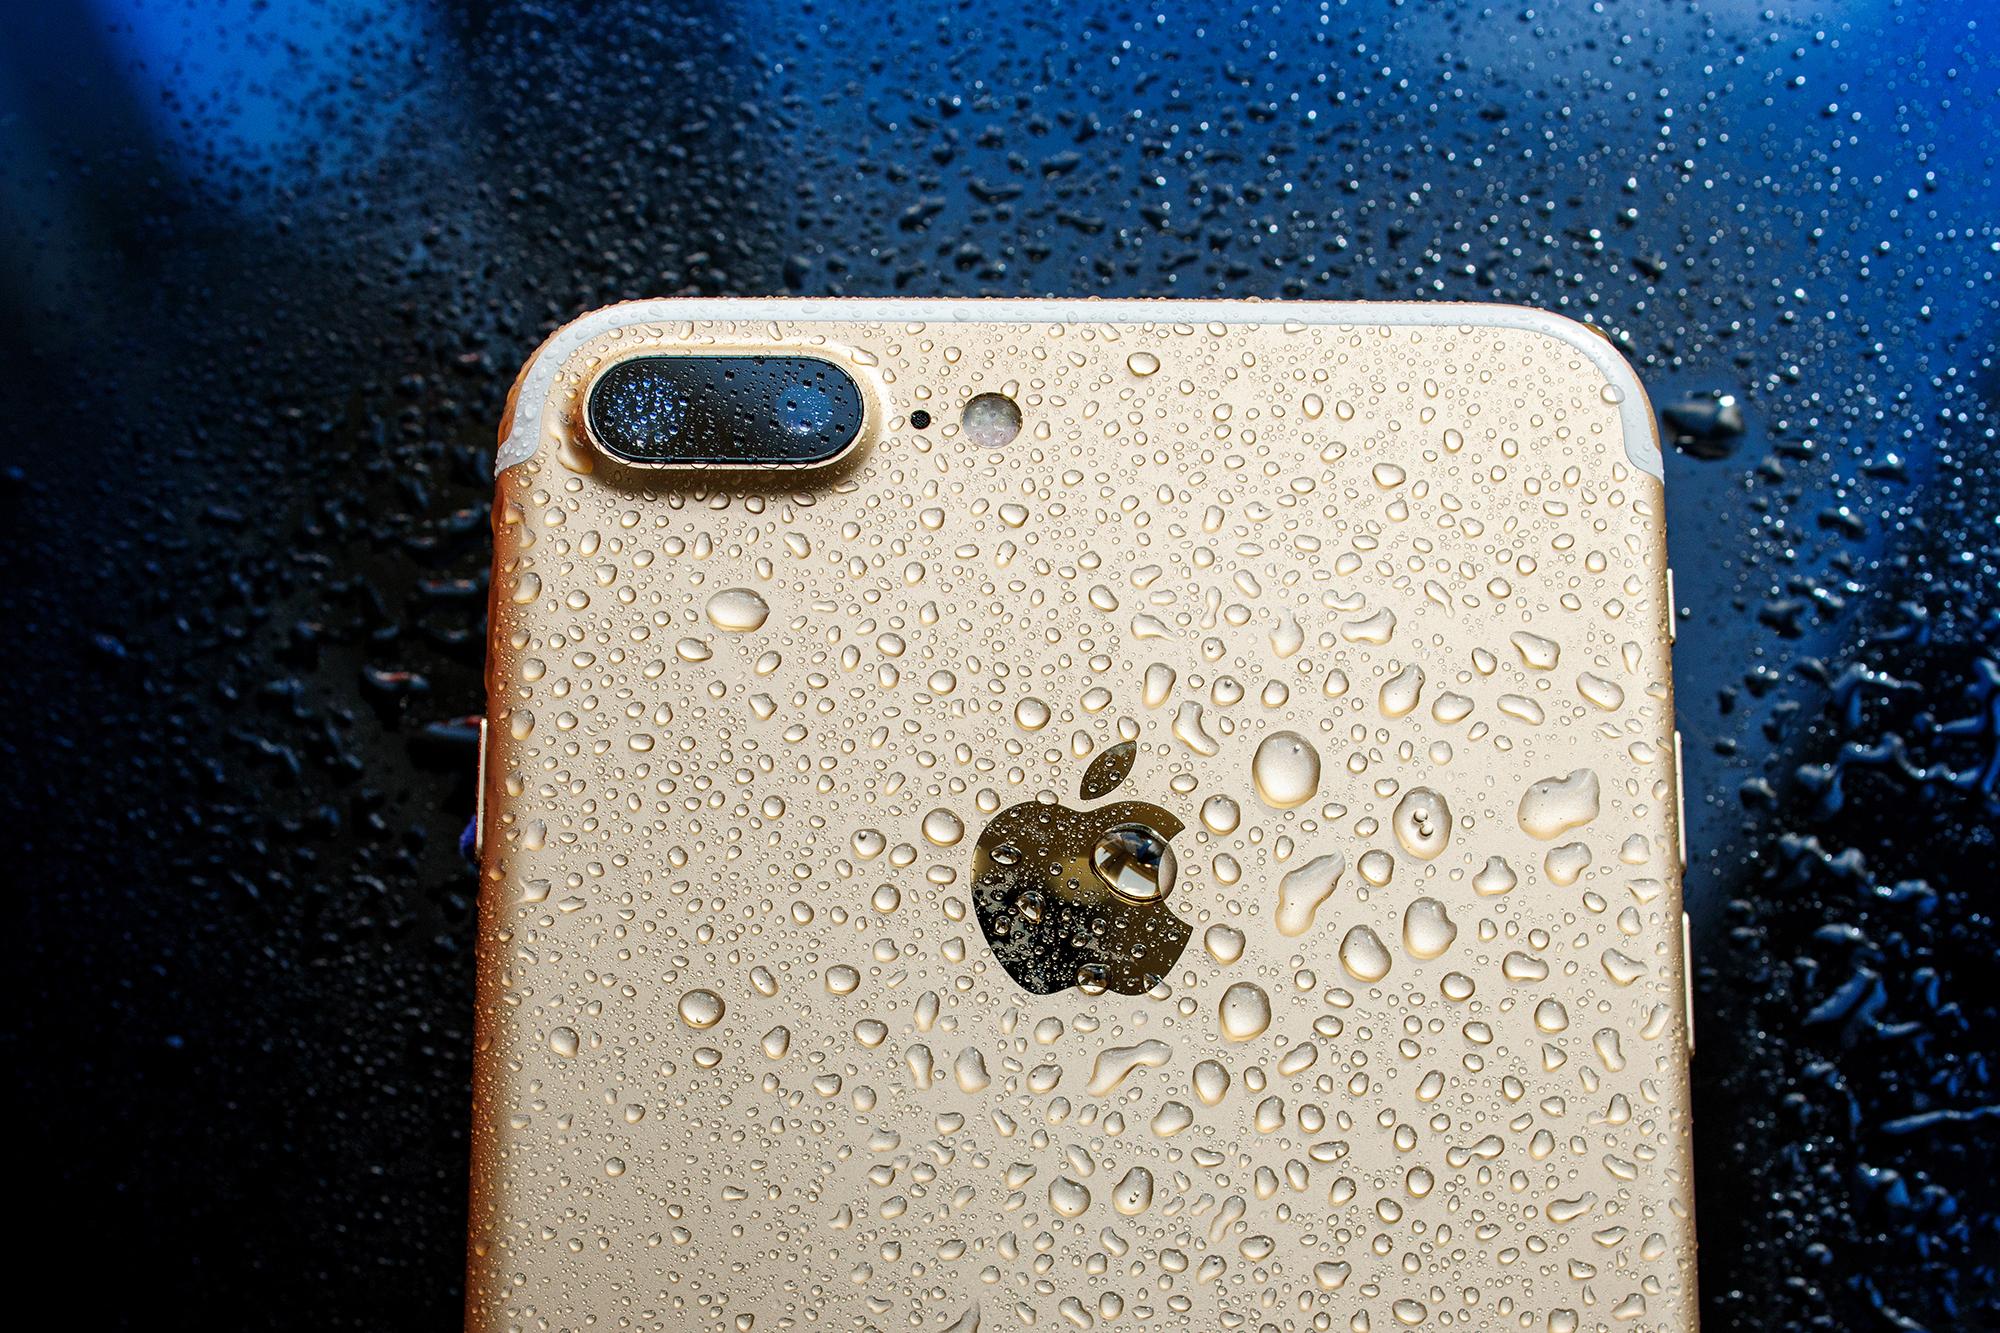 【コラム】iPhoneを水没させてしまったら?